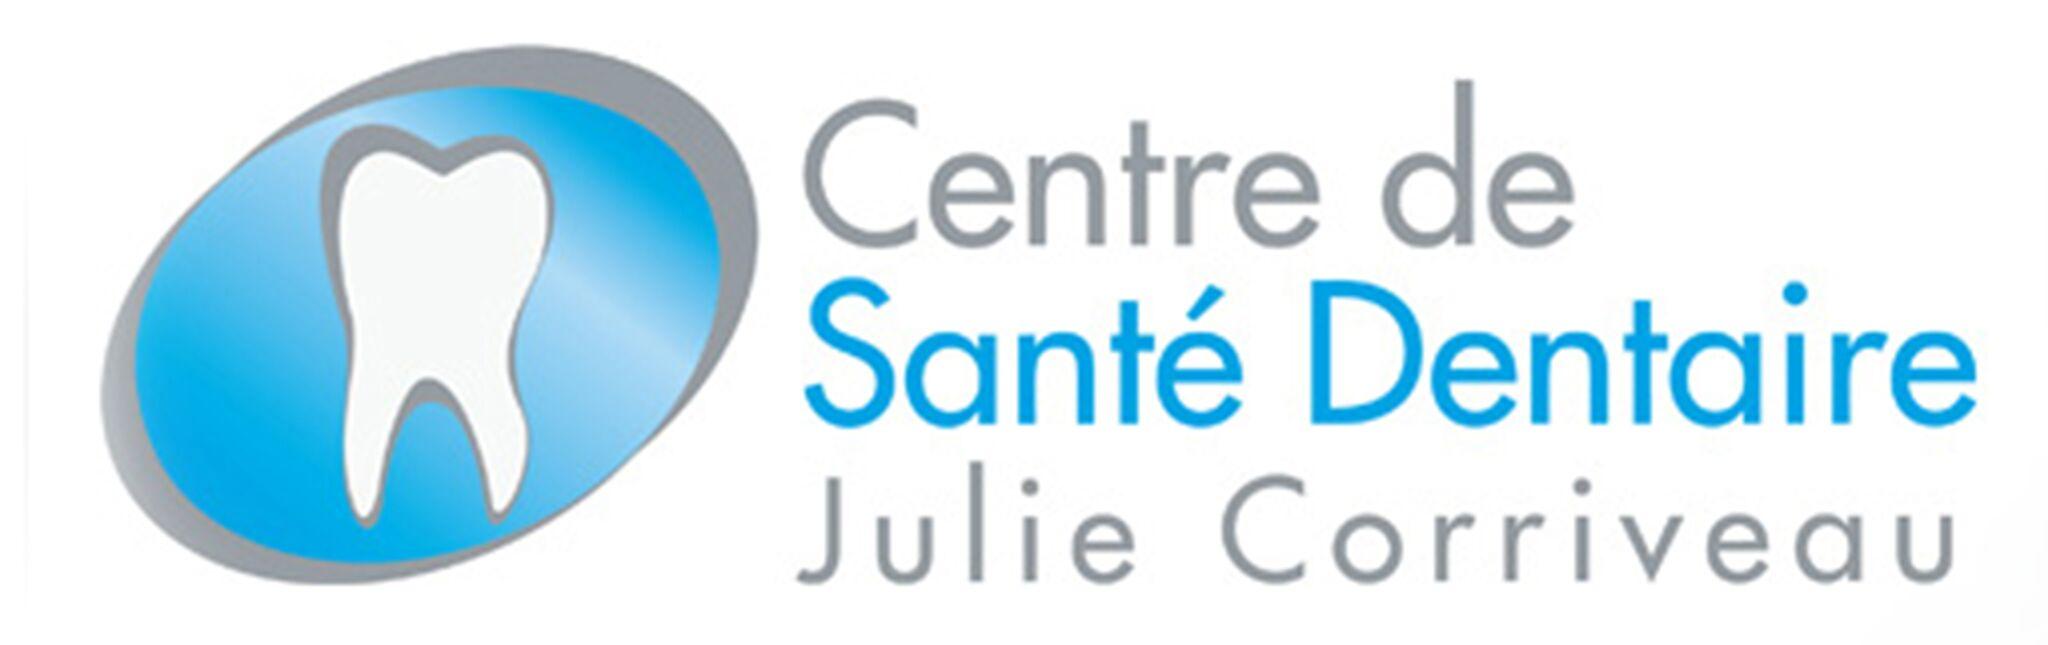 CENTRE DE SANTÉ DENTAIRE JULIE CORRIVEAU